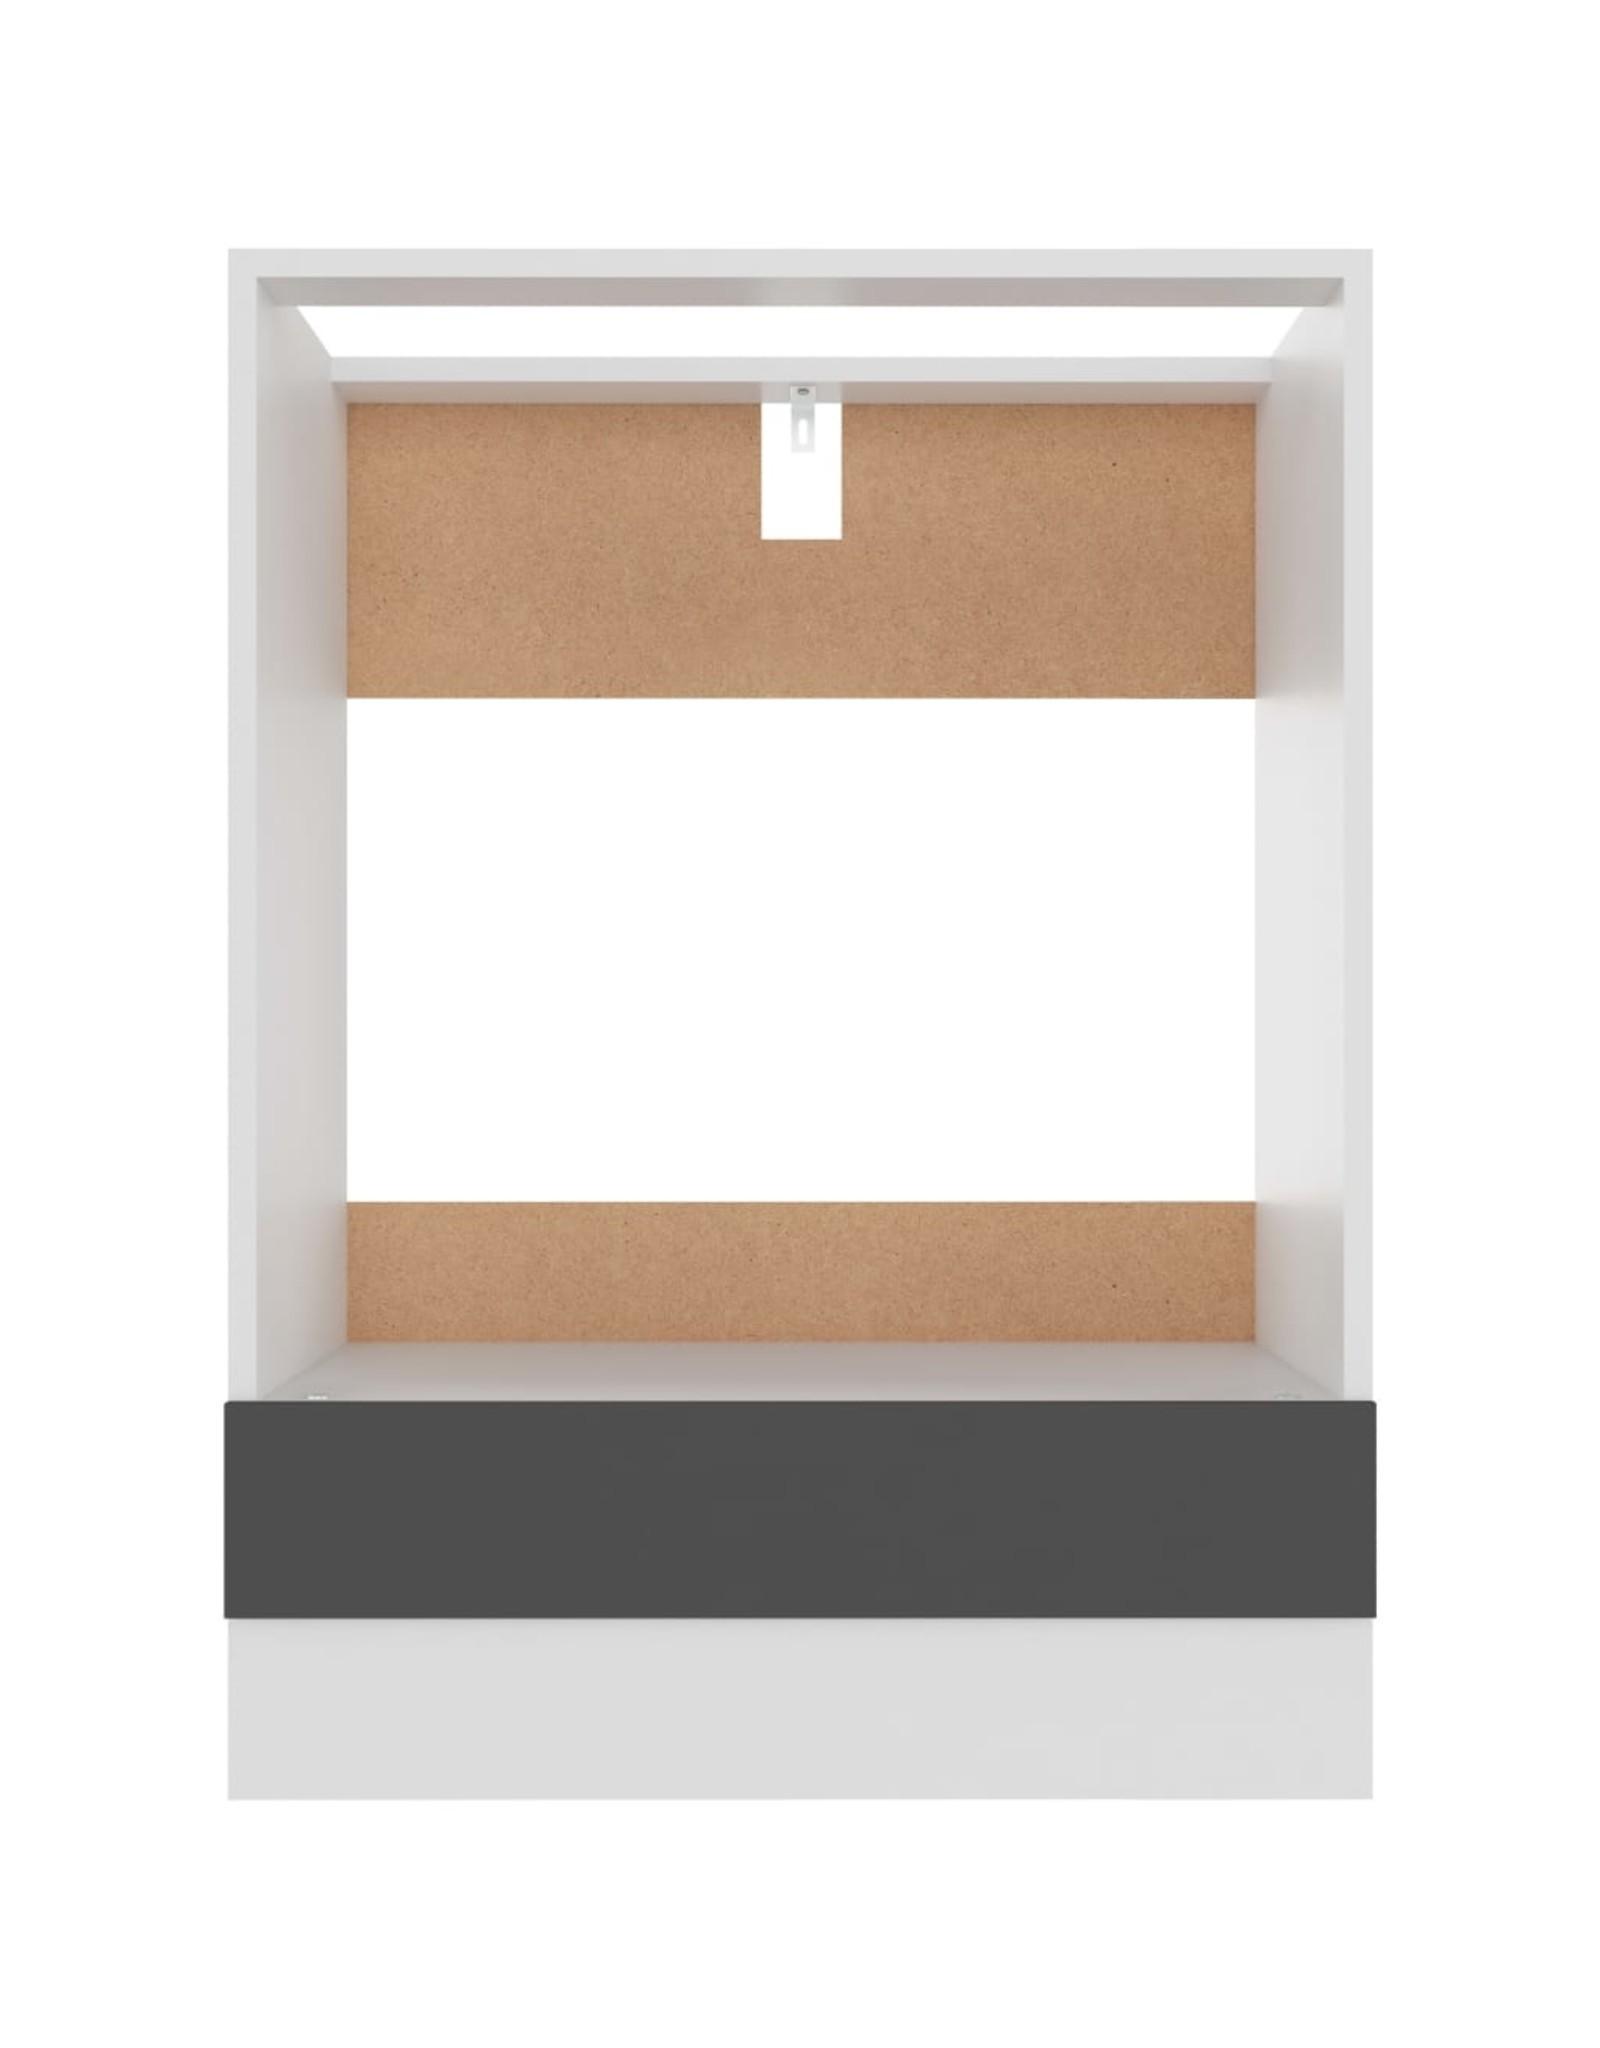 Ovenkast 60x46x81,5 cm spaanplaat grijs